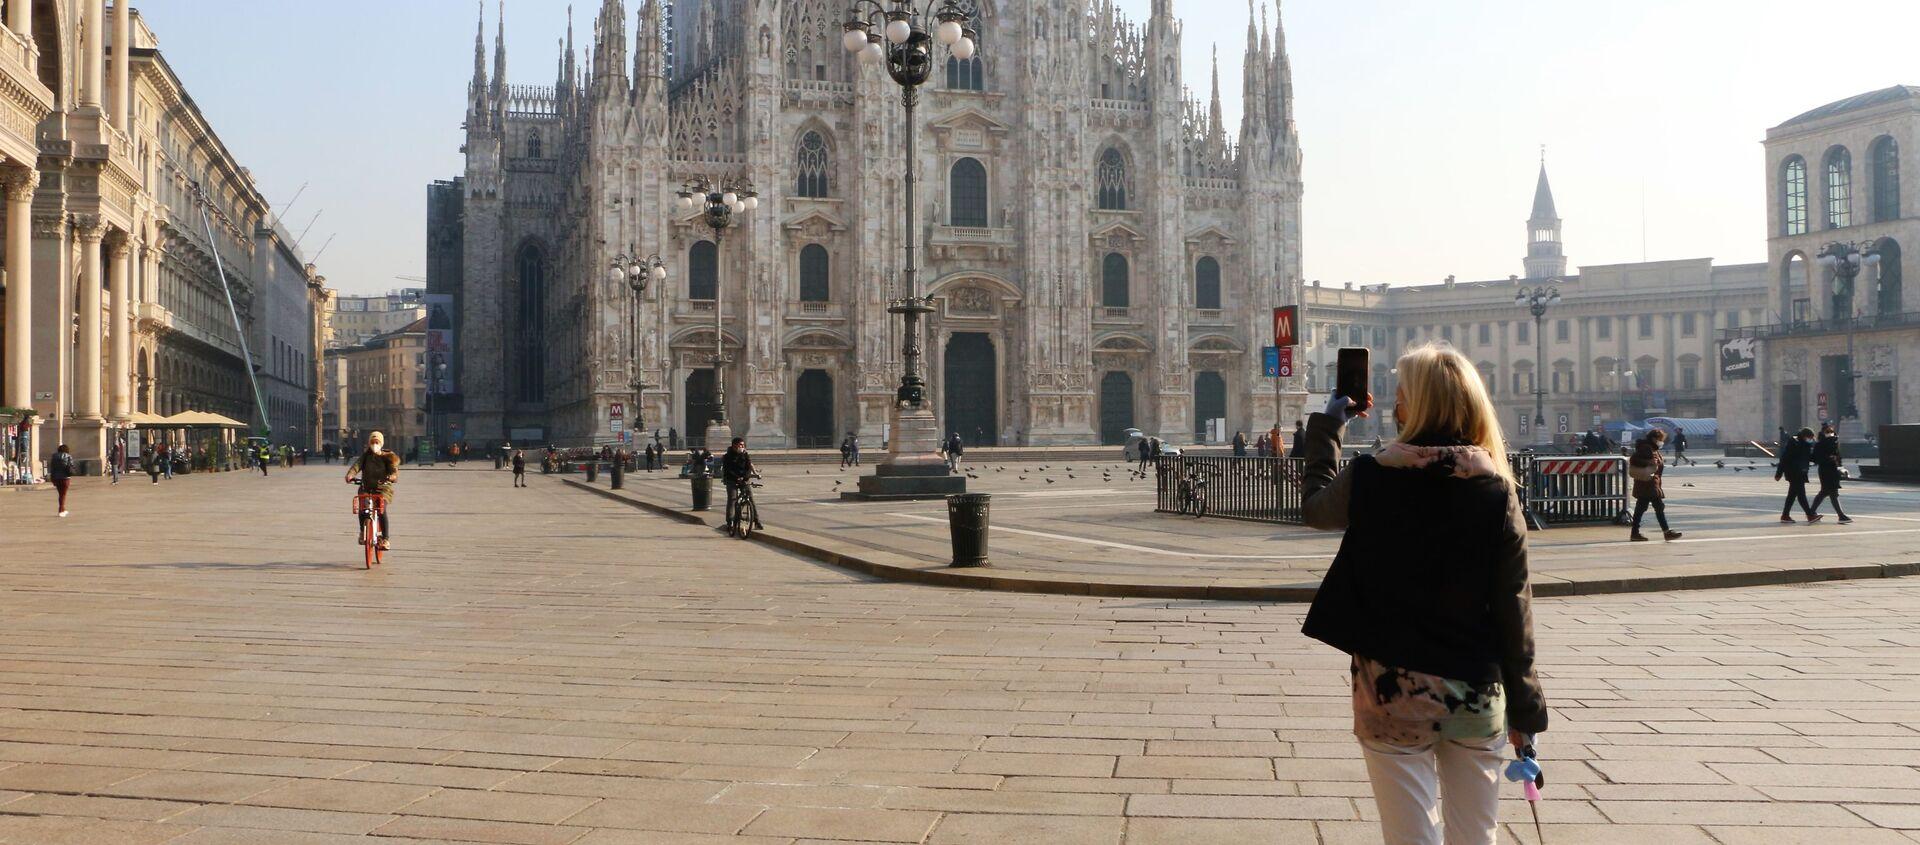 Una donna sta fotografando la piazza del Duomo a Milano - Sputnik Italia, 1920, 04.03.2021